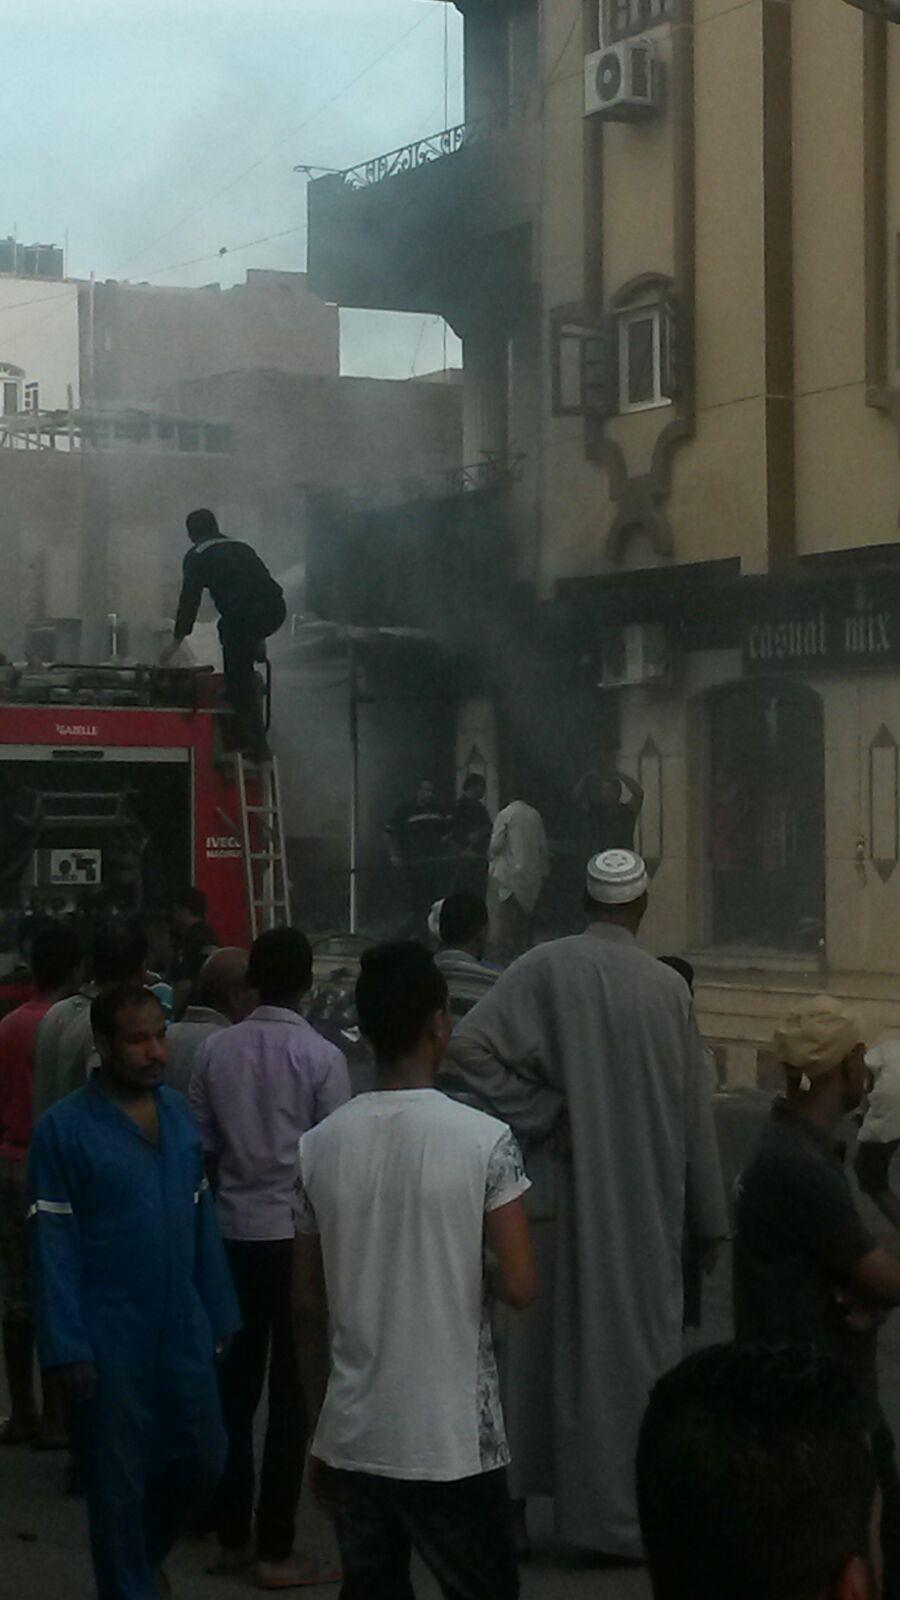 اندلاع حريق بأحد المحال التجارية في مدينة القصير بالبحر الأحمر